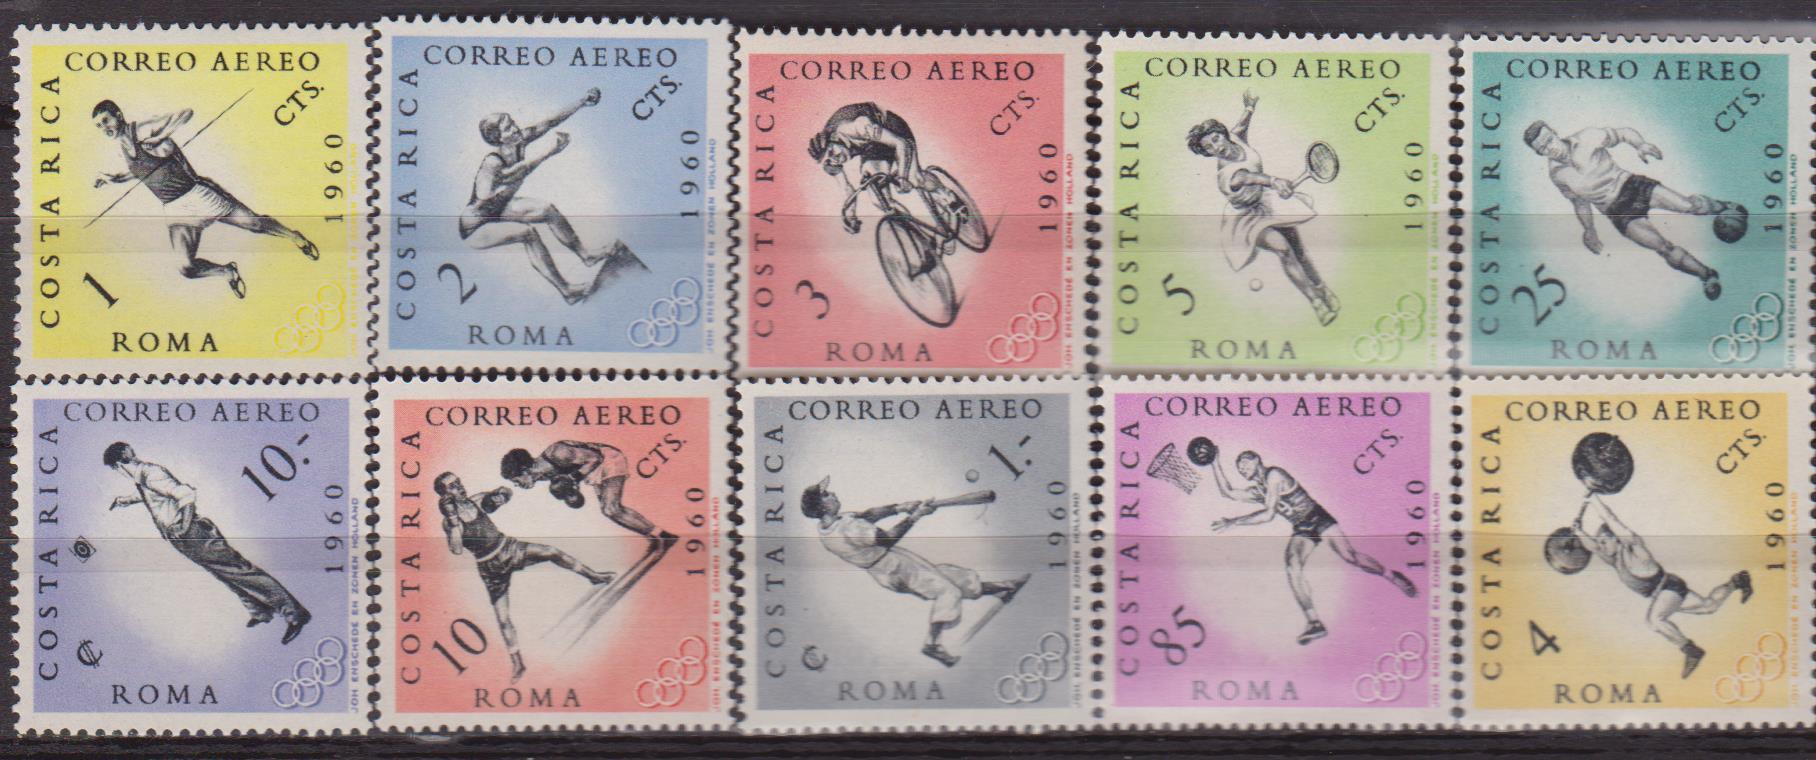 olimpiadi-sport-005